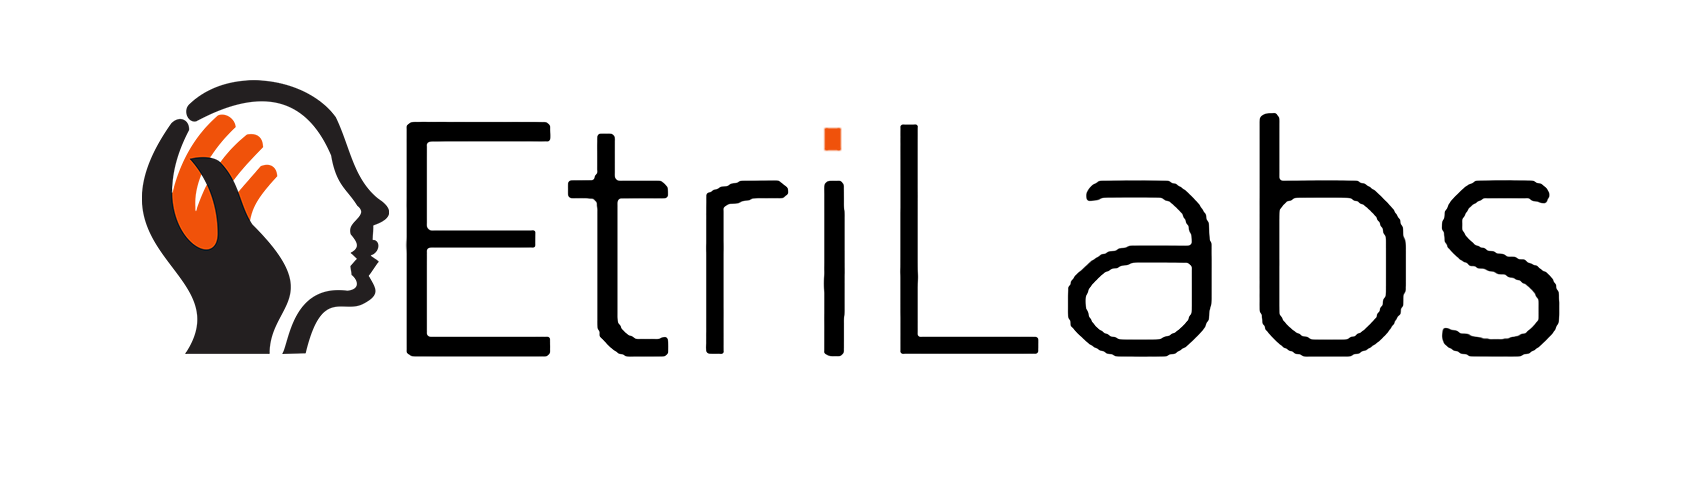 logo_etrilabs.png